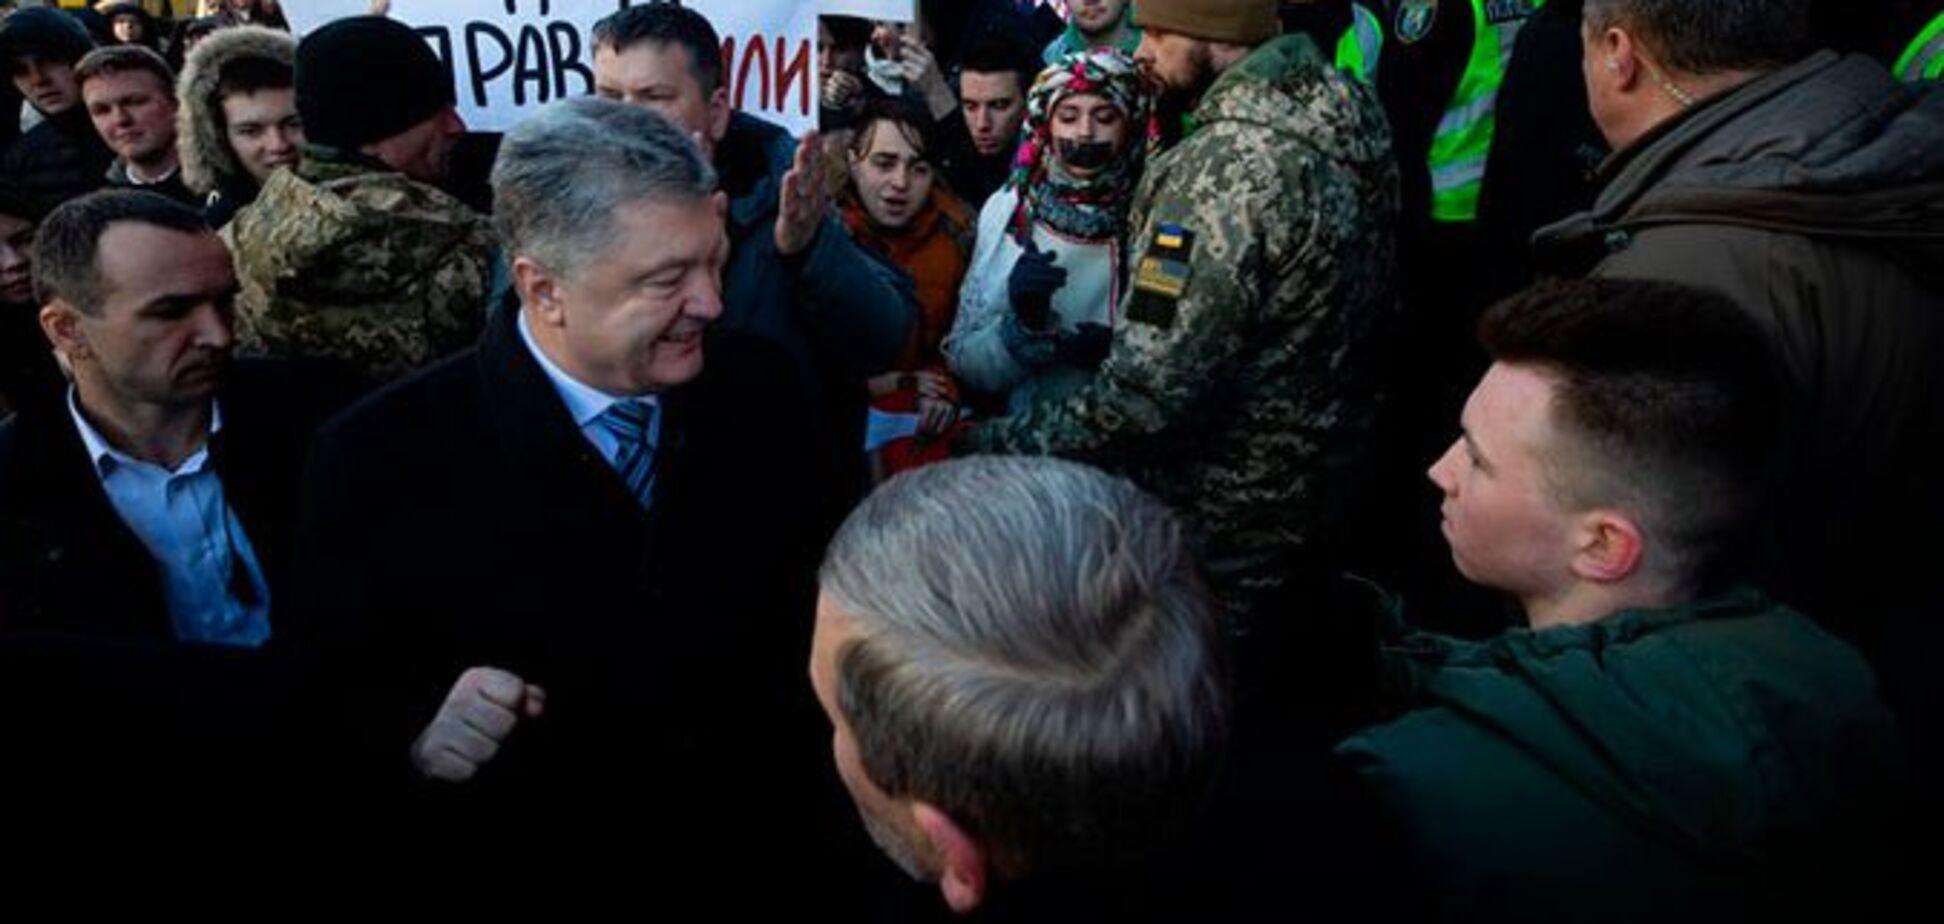 Адвокати Порошенка заявили про продовження політичного тиску ДБР